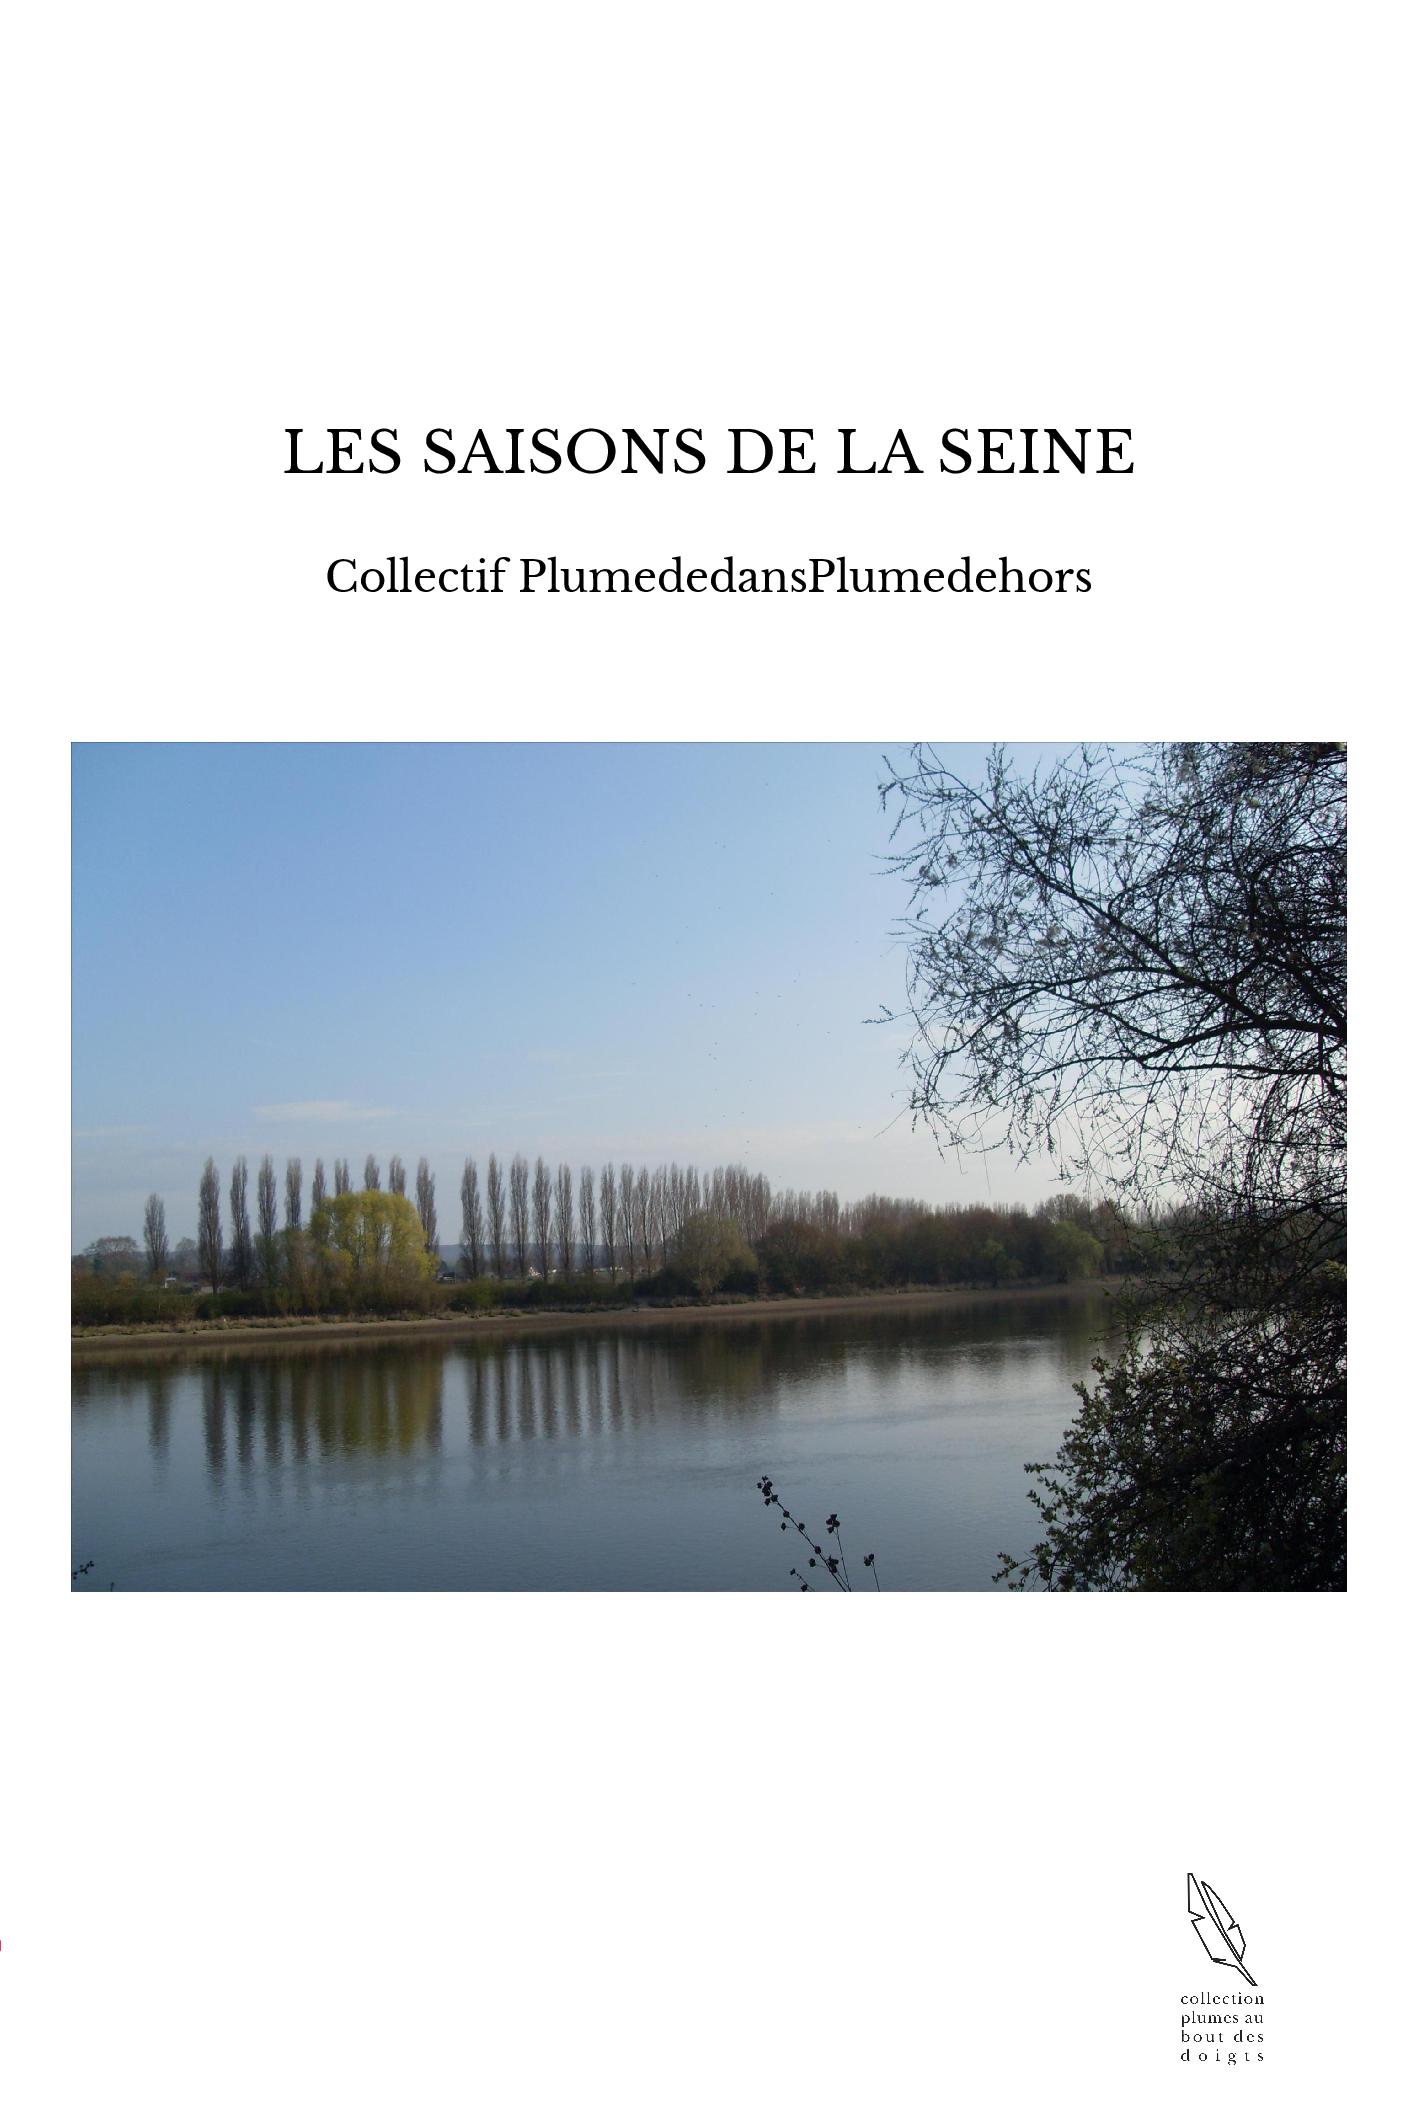 LES SAISONS DE LA SEINE